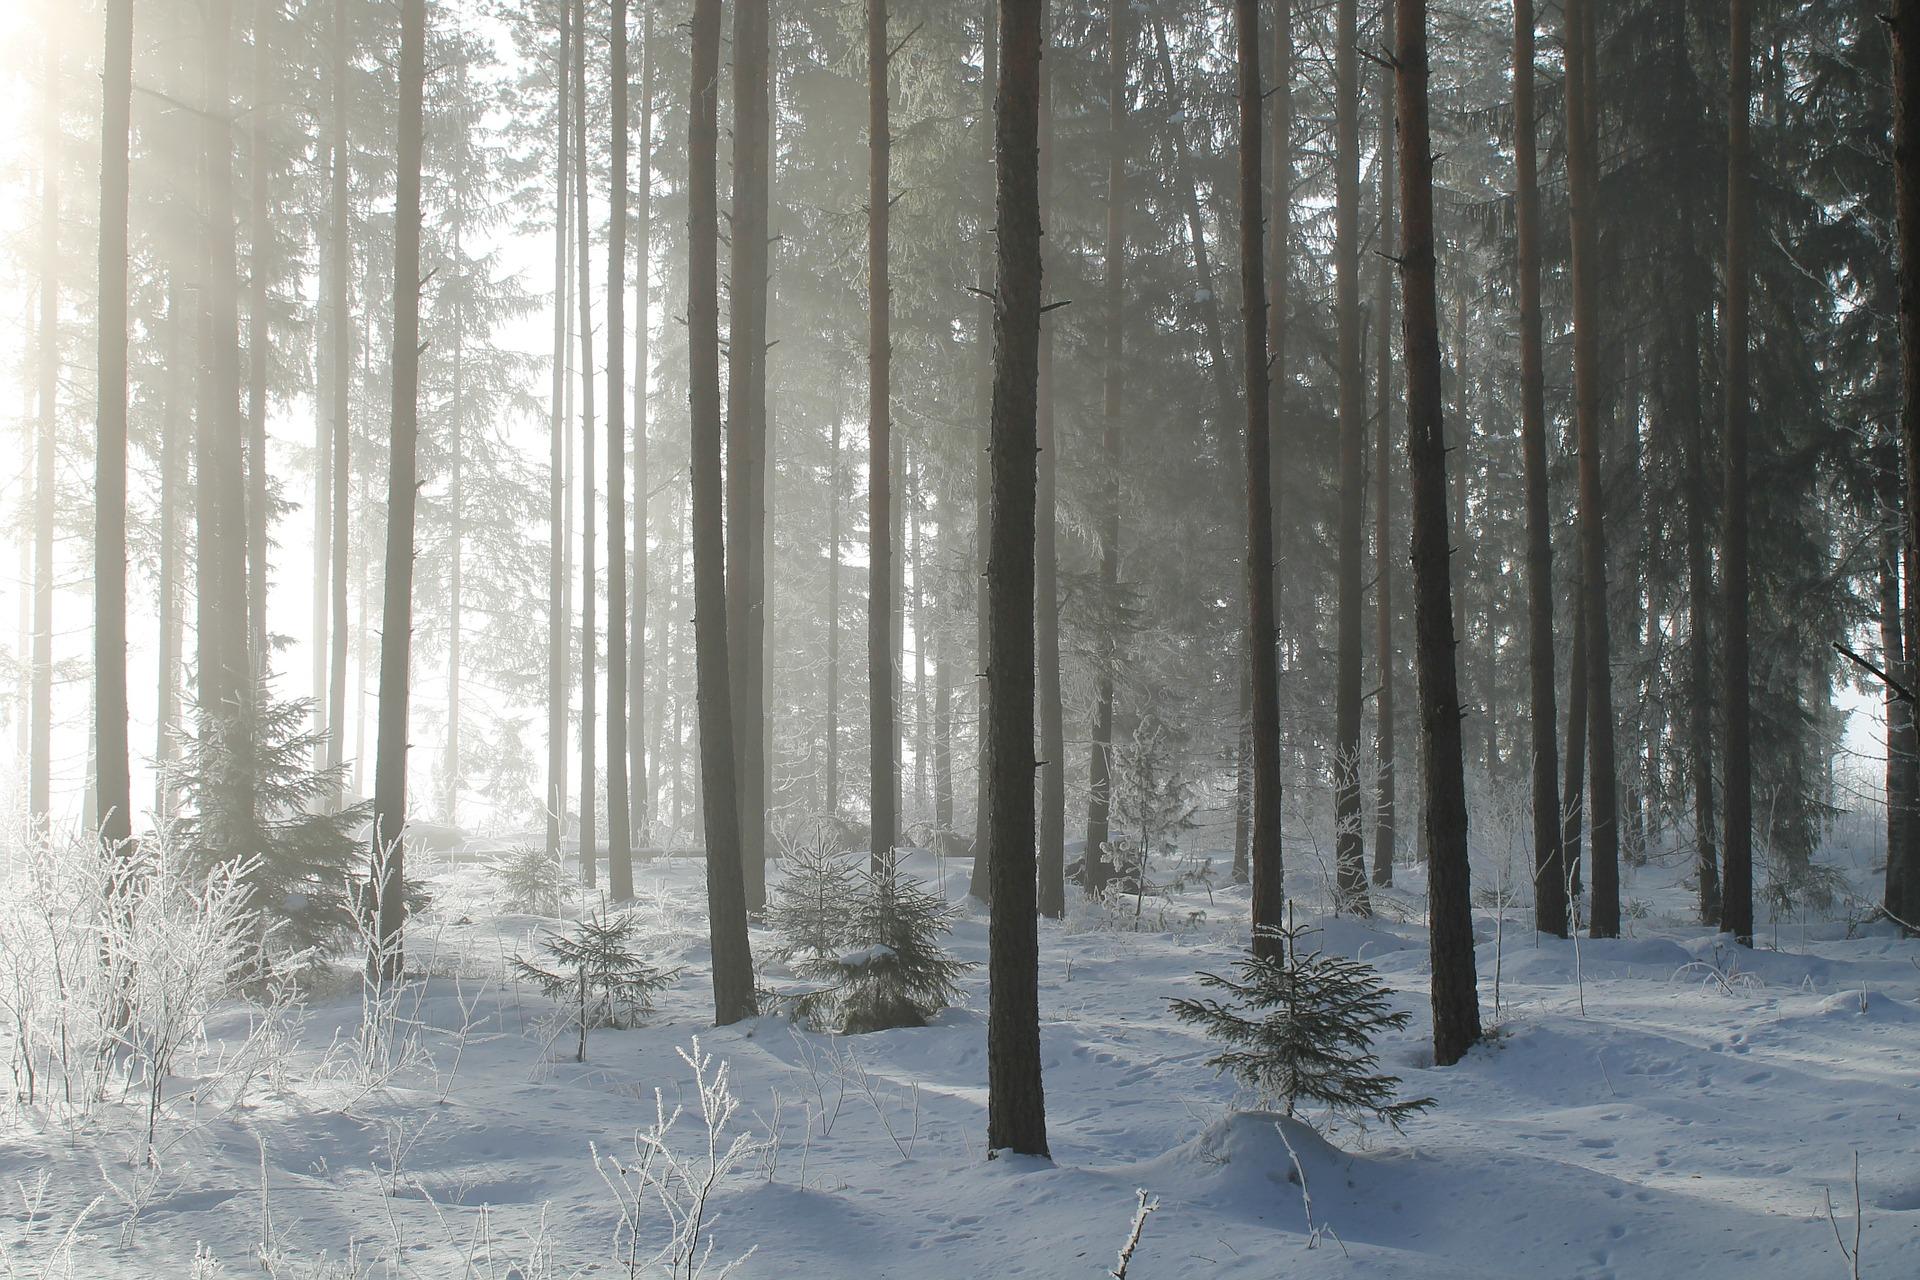 27b74e1f Rekordhögt pris på skogsmark - Skog Supply